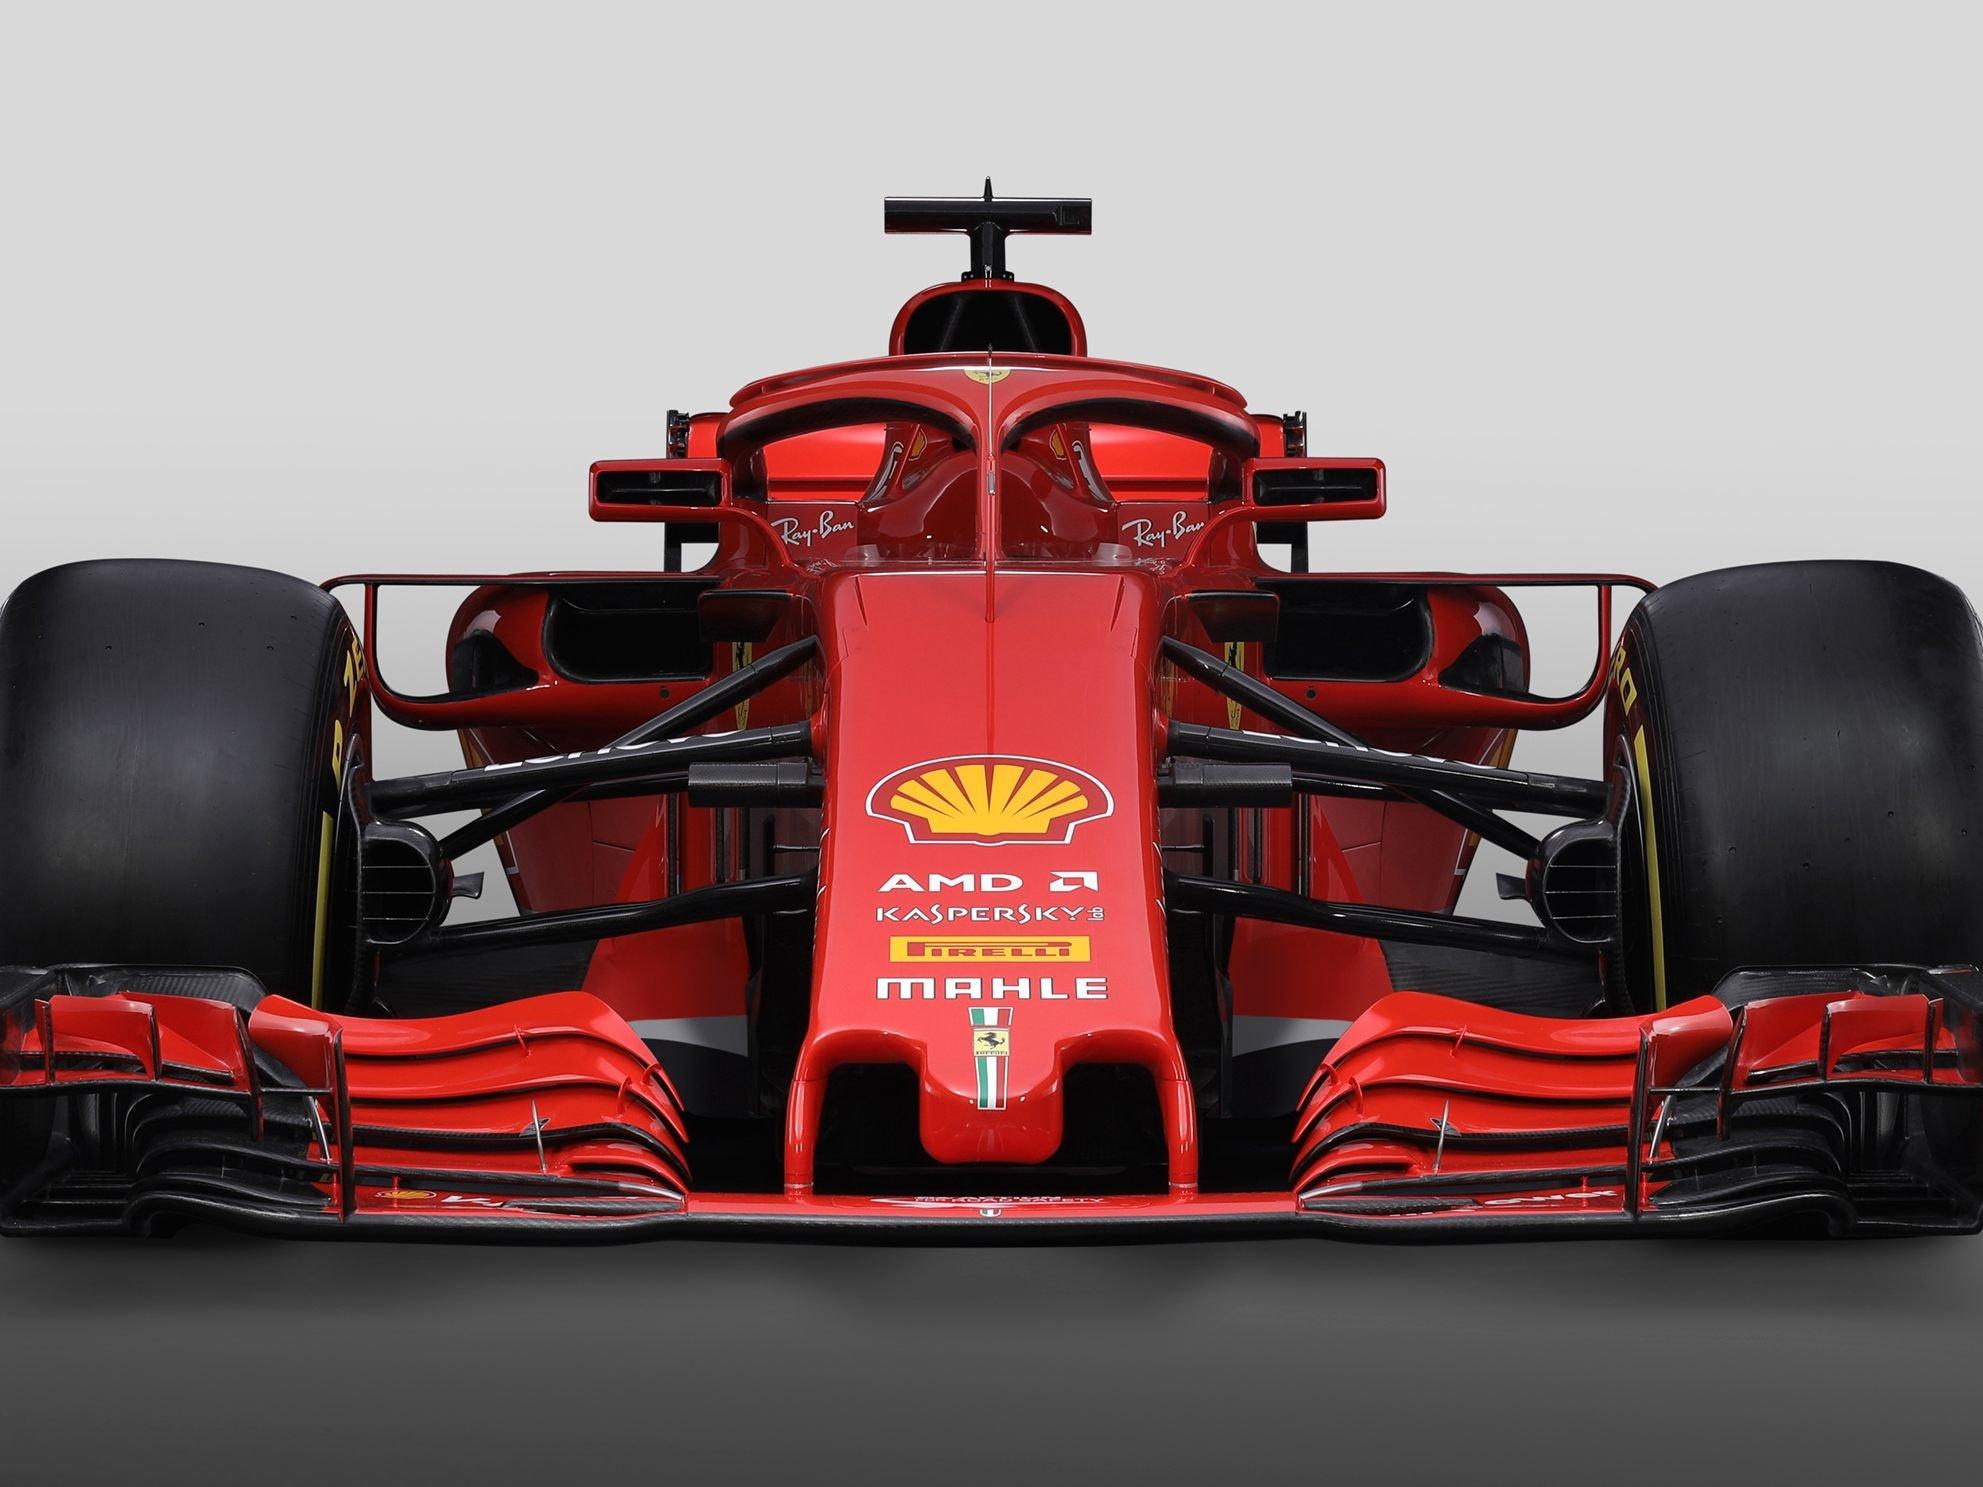 Ferrari 2018 In Der Formel 1 Das Ist Die Neue Rote Göttin Formel